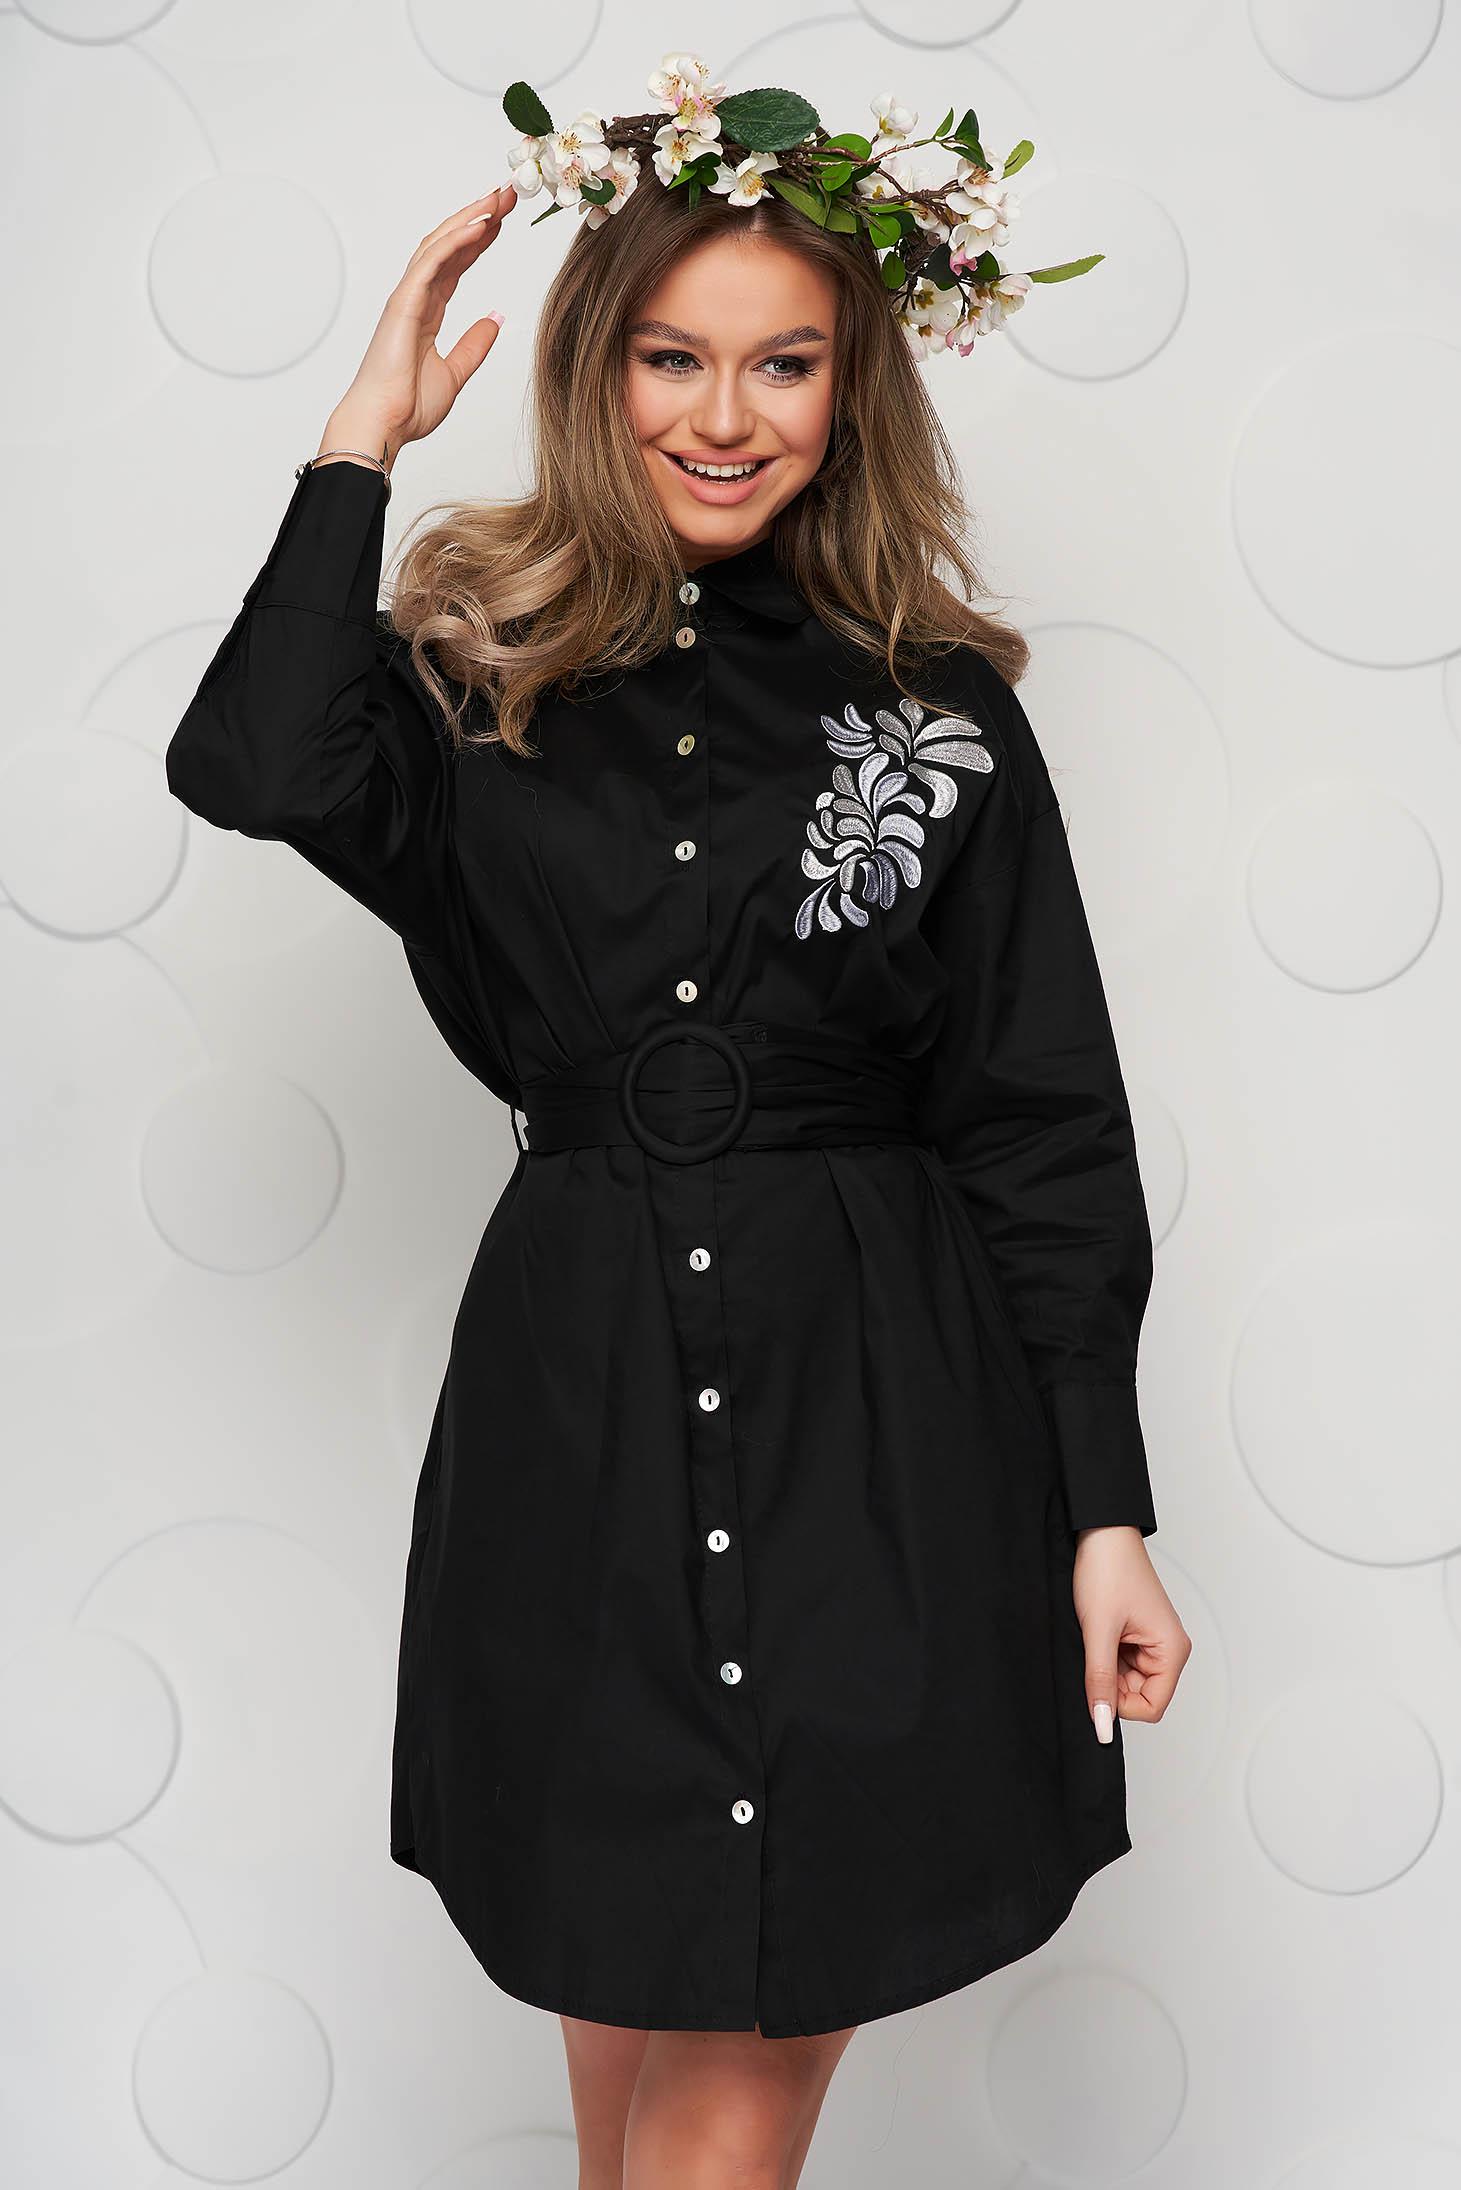 Fekete hímzett ruha vékony szövetből és öv típusú kiegészítővel